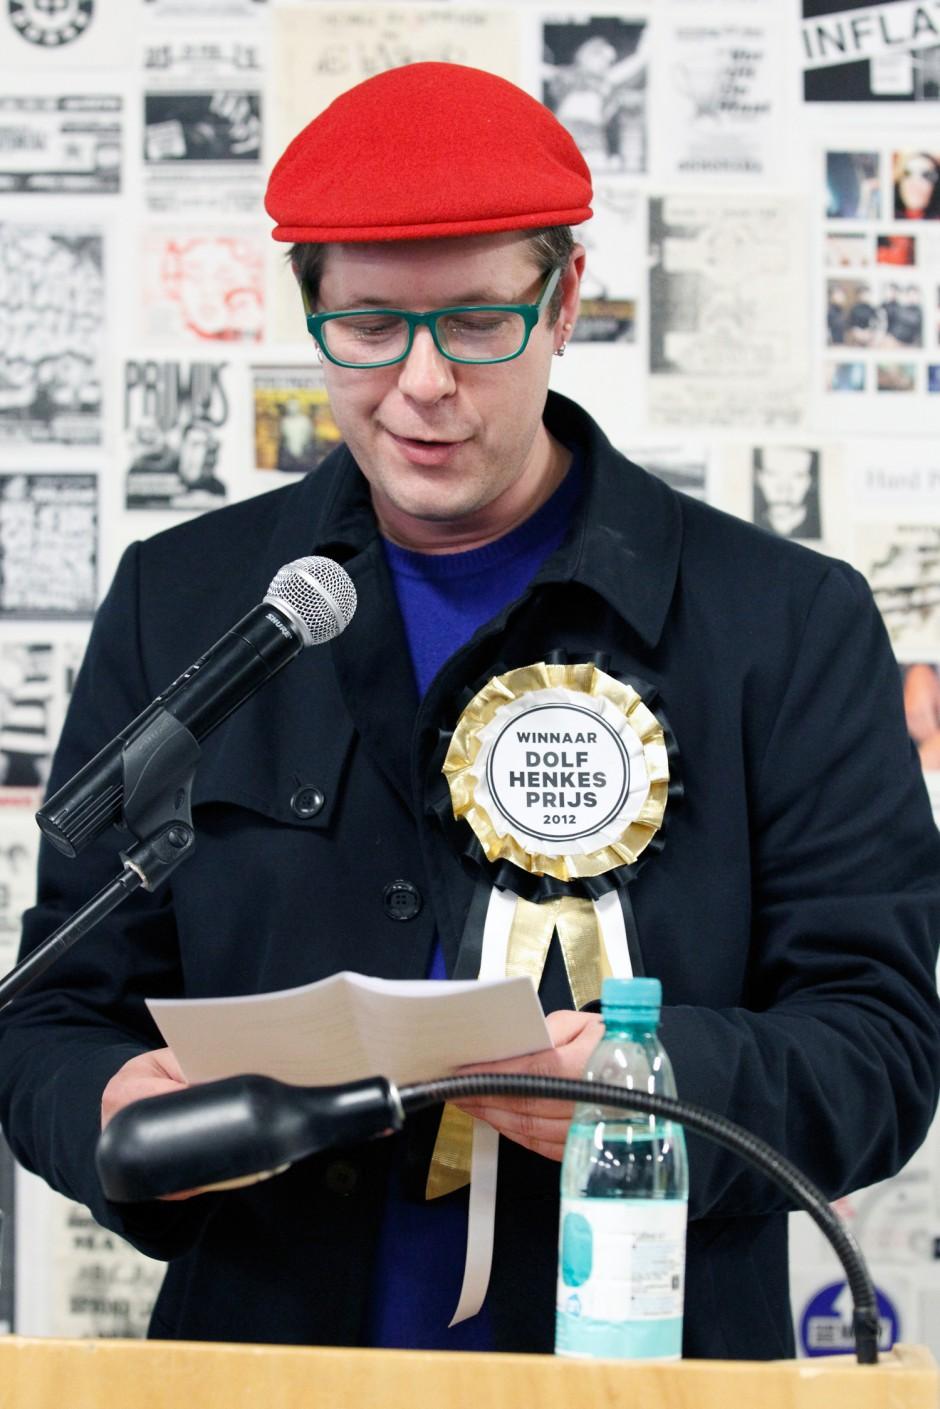 Dolf Henkesprijs 2012